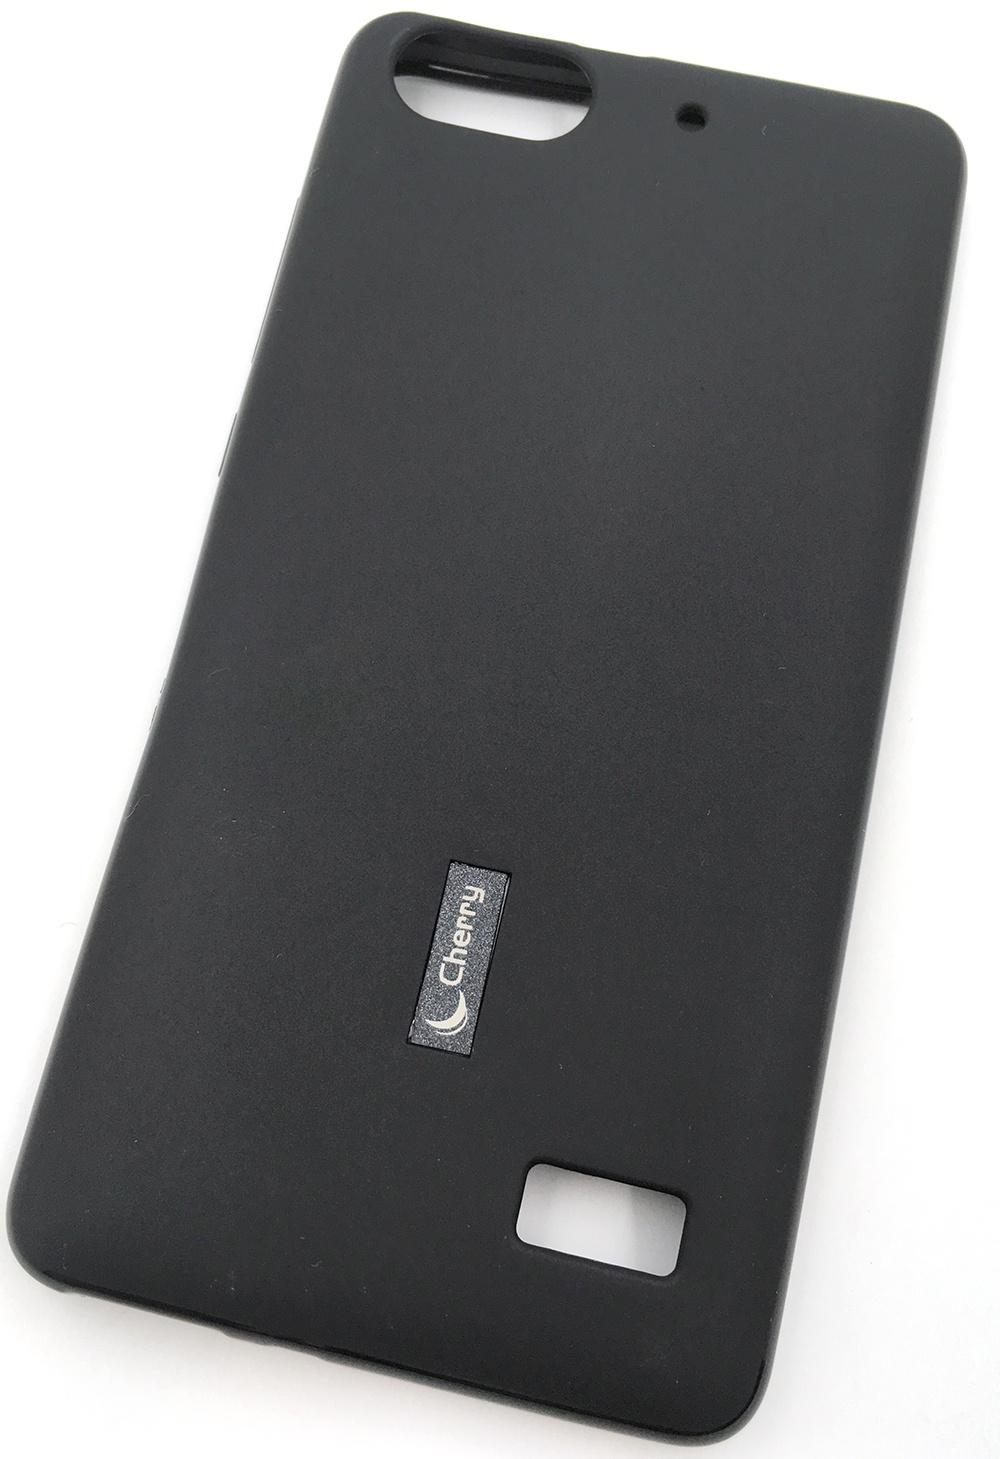 Чехол для сотового телефона Cherry Huawei Honor 4C Накладка резиновая с пленкой на экран, черный аксессуар чехол накладка huawei ascend g620 cherry white 8283